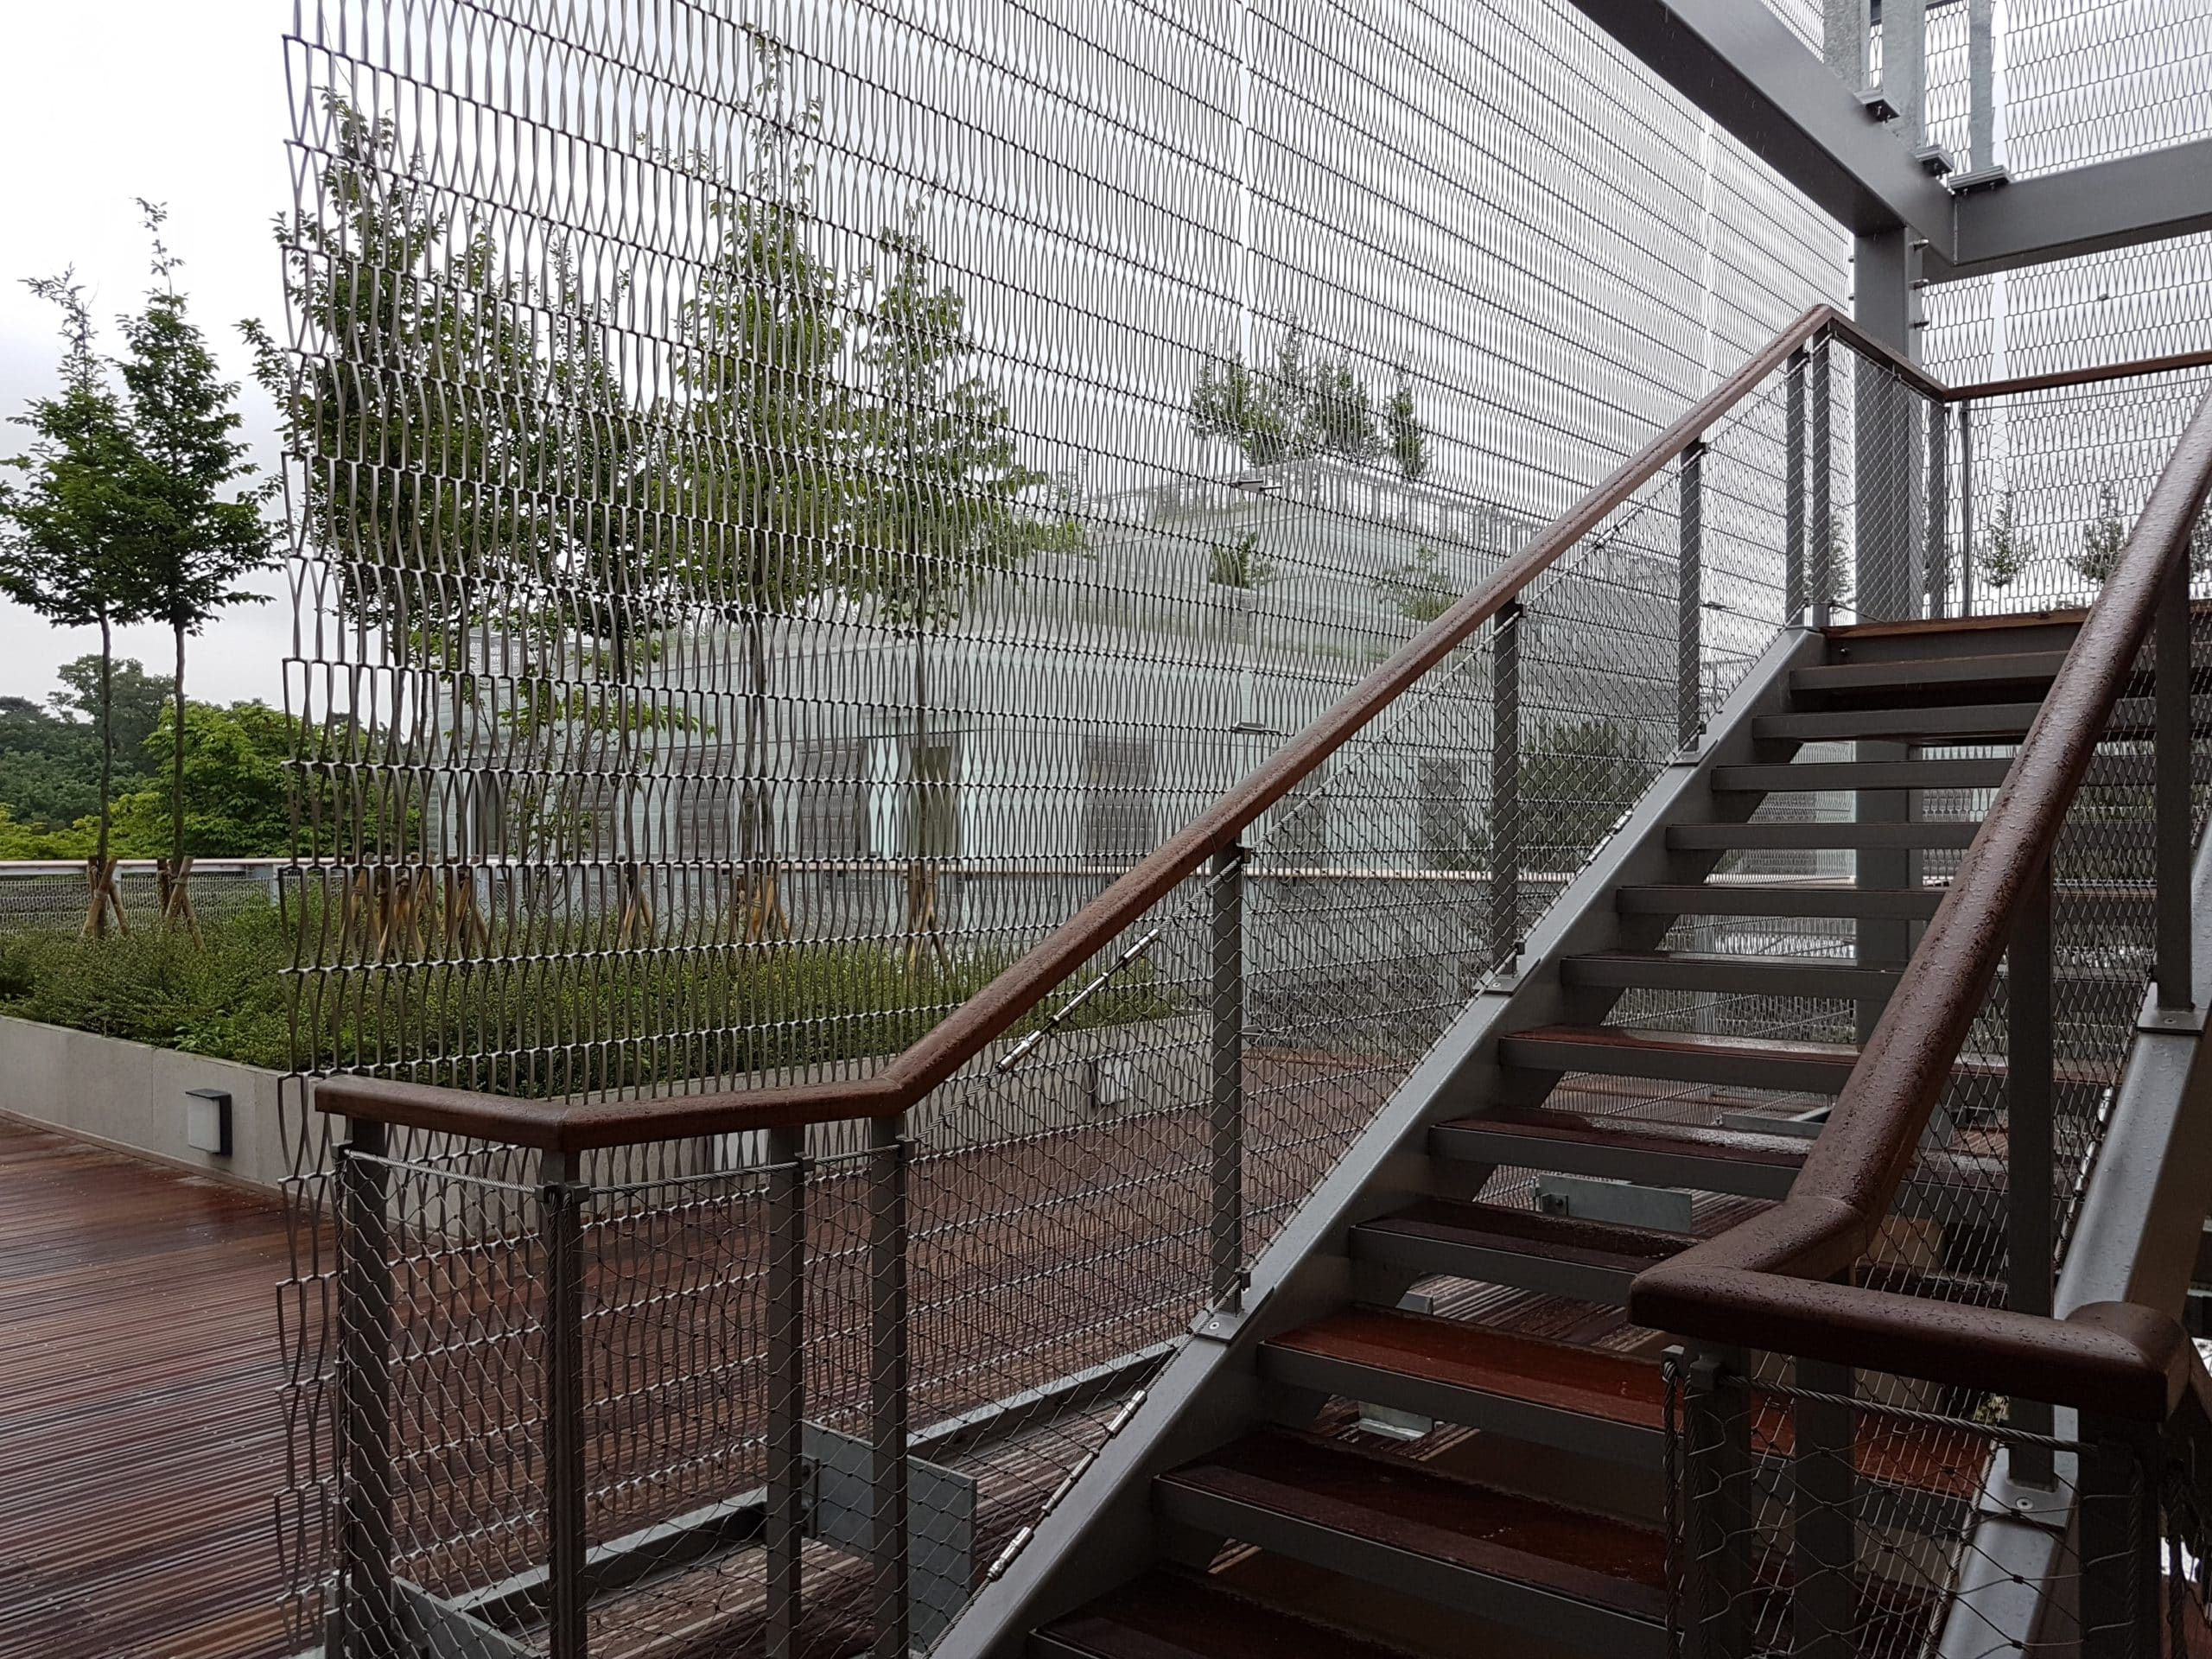 Les garde-corps des escaliers du village rappellent le cordage du filet de tennis quand la treille du bâtiment ouvre sur l'extérieur tout en protégeant des regards.